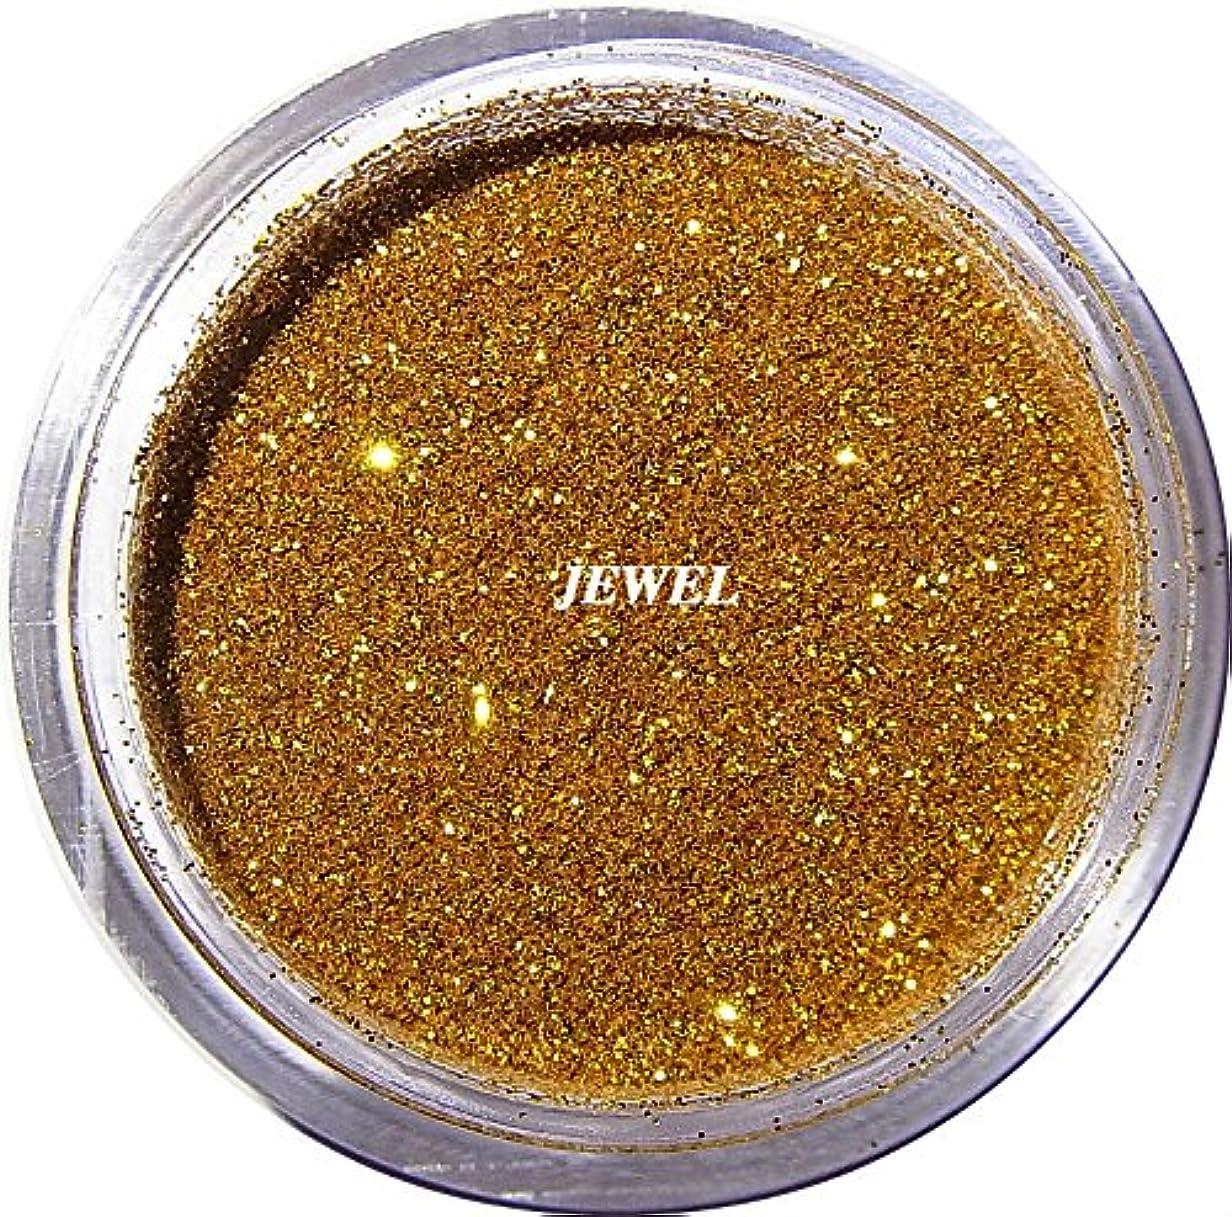 崇拝しますナチュラ慰め【jewel】 超微粒子ラメパウダー(金/ゴールド) 256/1サイズ 2g入り レジン&ネイル用 グリッター